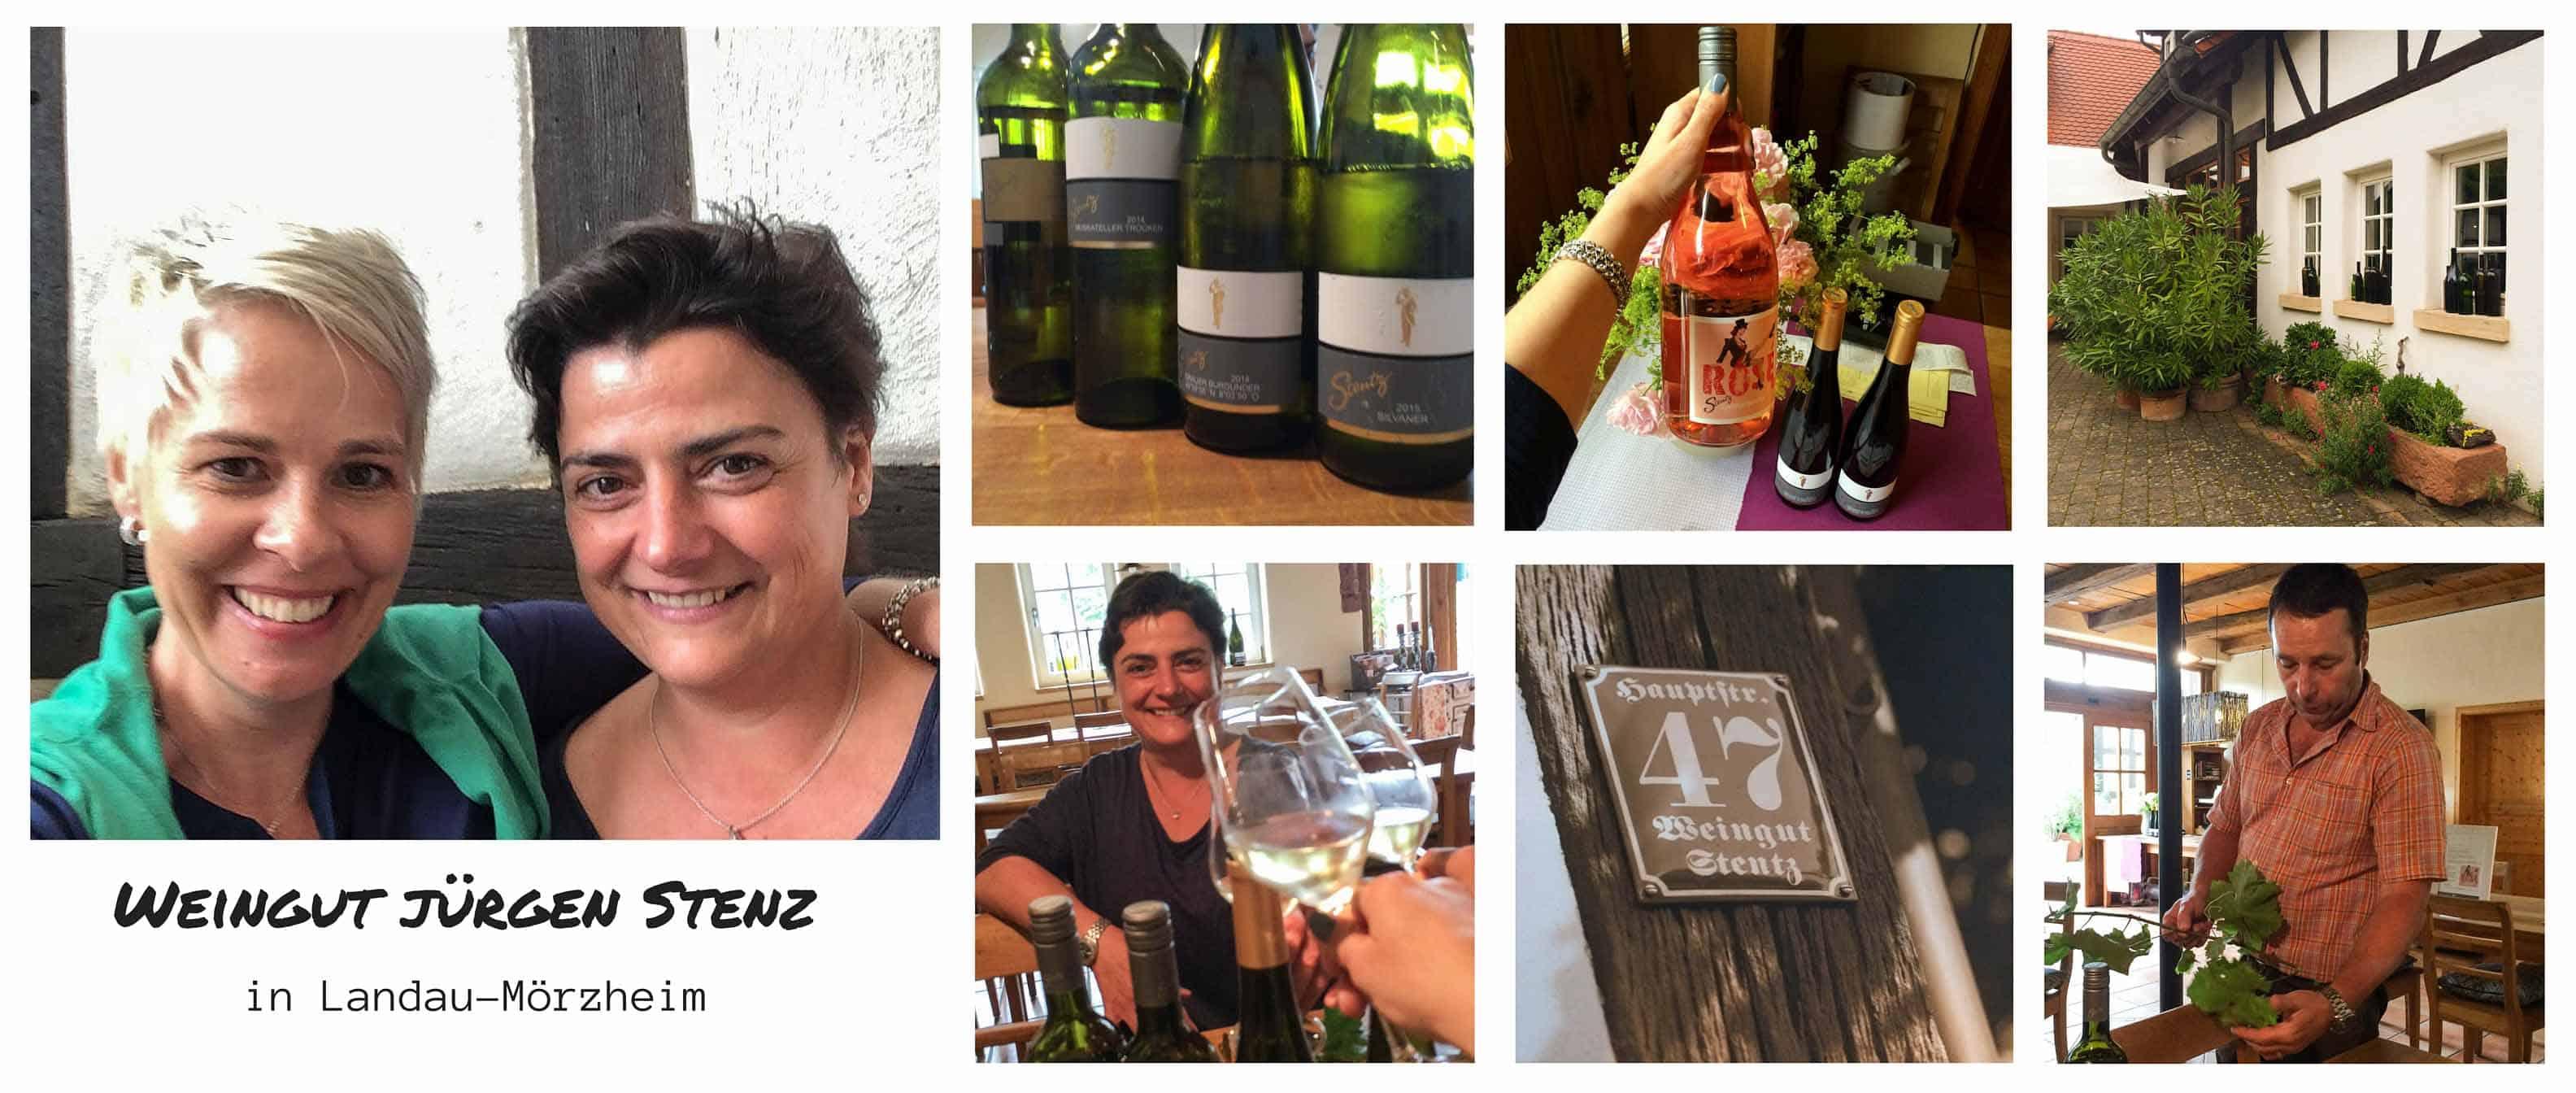 Bettina-Sturm-Respekt-Herr-Specht-Landau-Pfalz-Wein-Kulinarisches-Weingut-Stentz-Rosie (3 von 6)